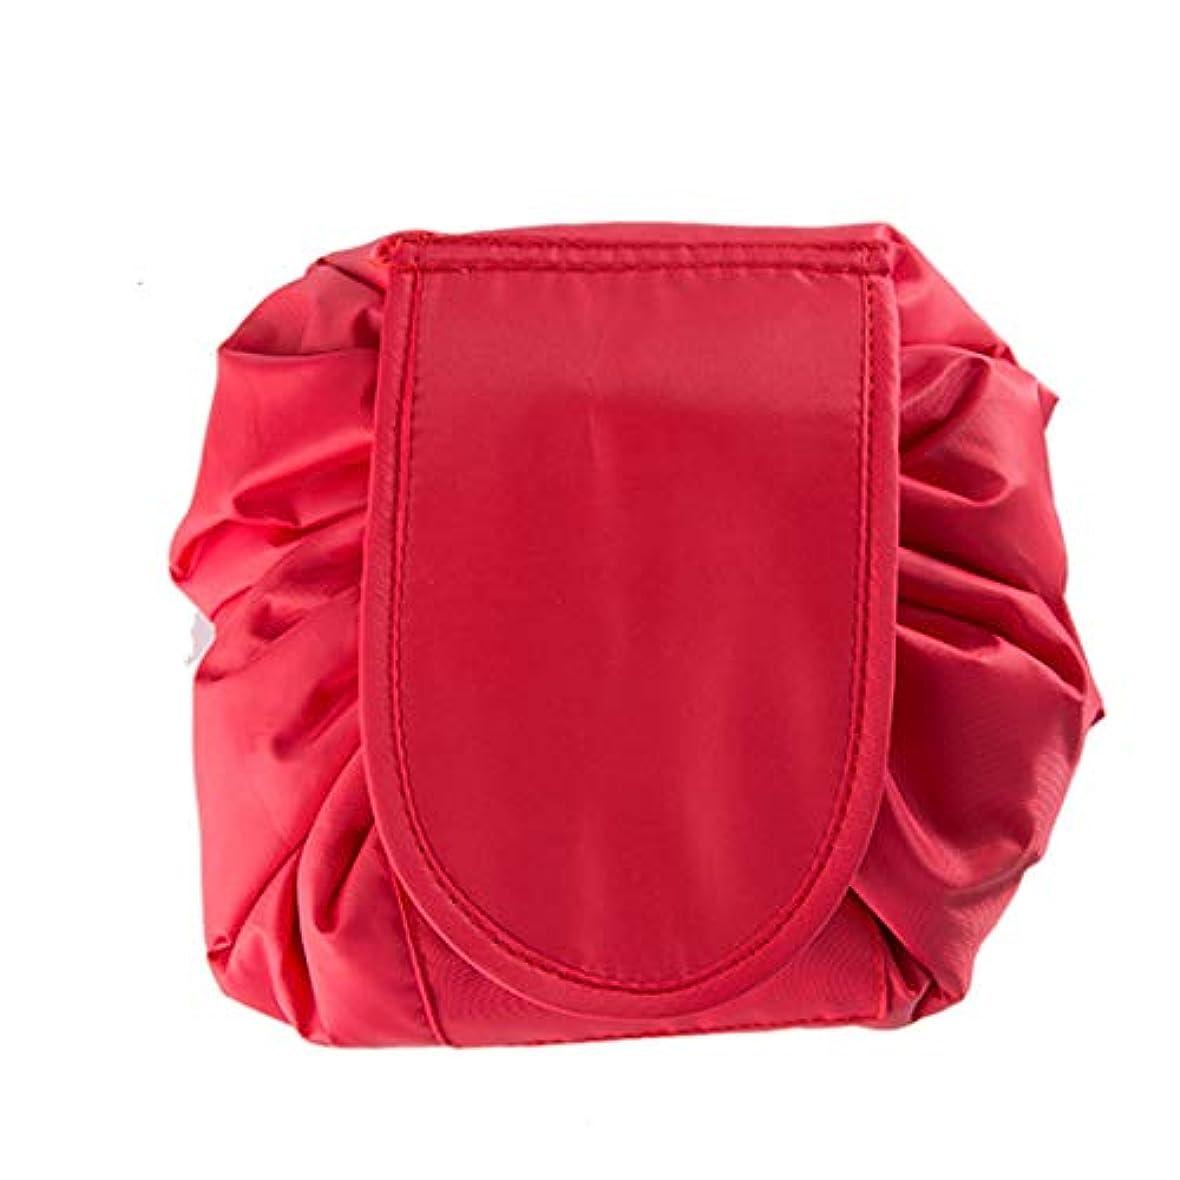 海洋の借りているお母さん(ボラ-キキ) Bole-kk メイクポーチ 化粧ポーチ 化粧バッグ メイク収納バッグ 大容量 巾着型 マジックふろしきポーチ 携帯 防水 旅行収納バッグ コンパクト 2枚セット 赤